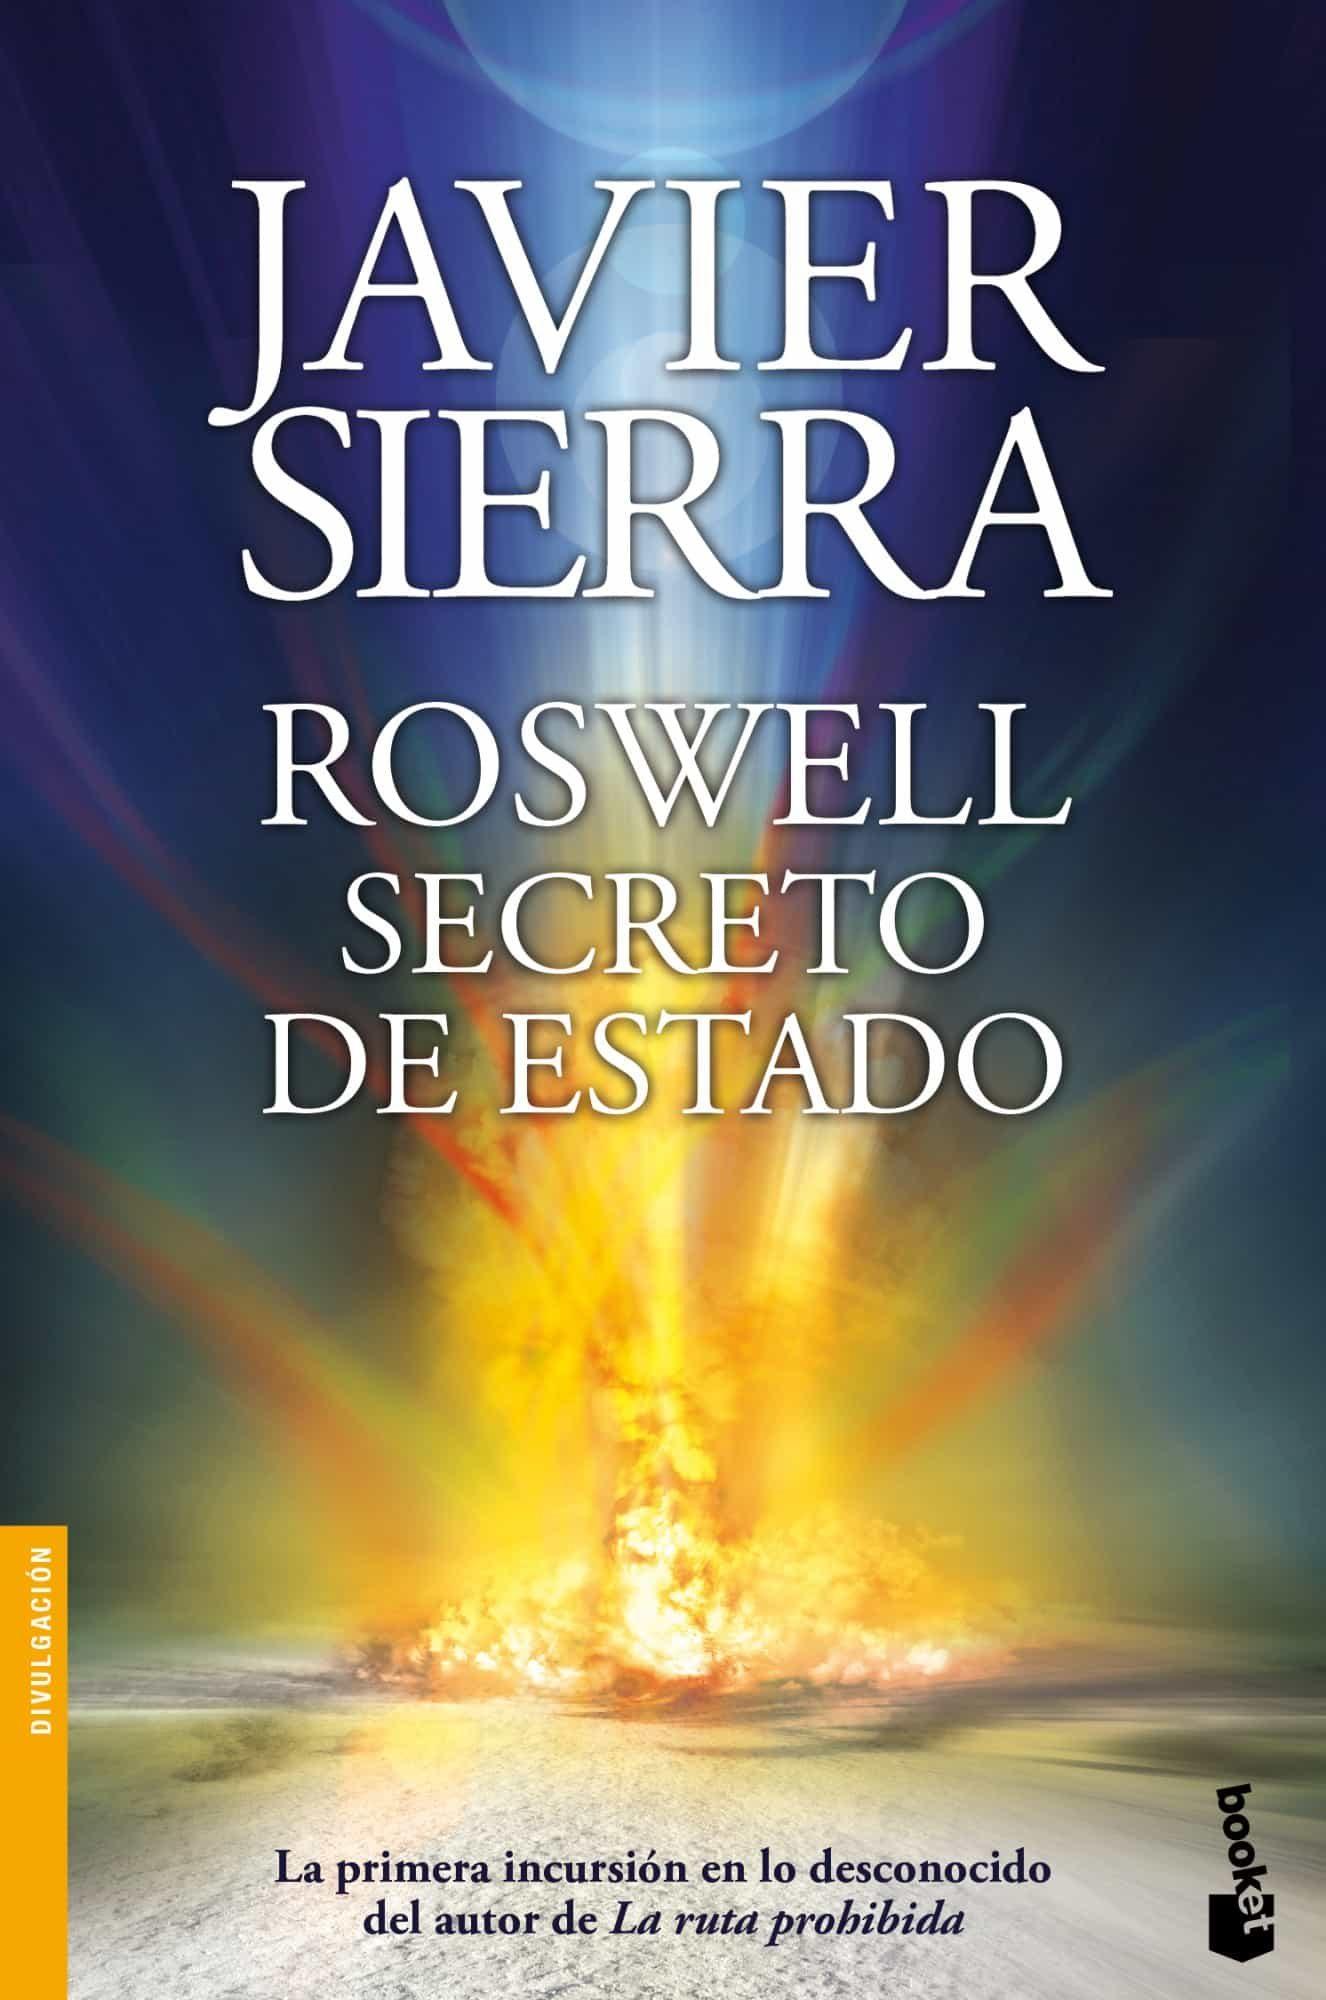 El universo de la lectura - Página 4 9788408114659